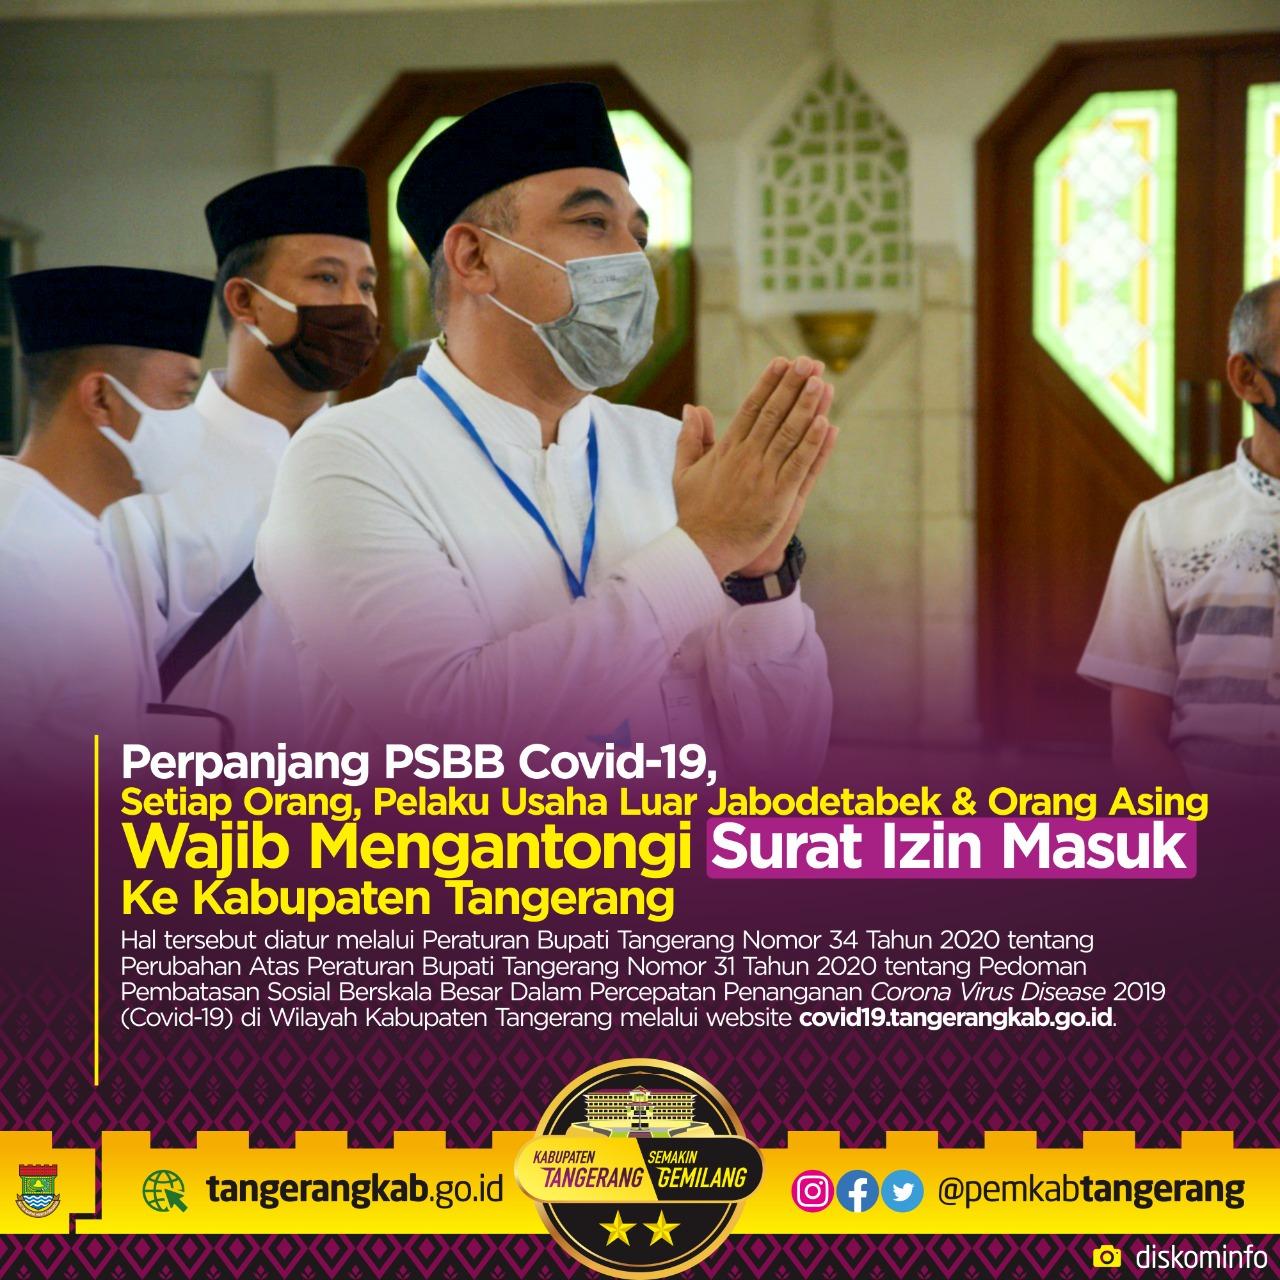 Surat Izin Masuk Kabupaten Tangerang